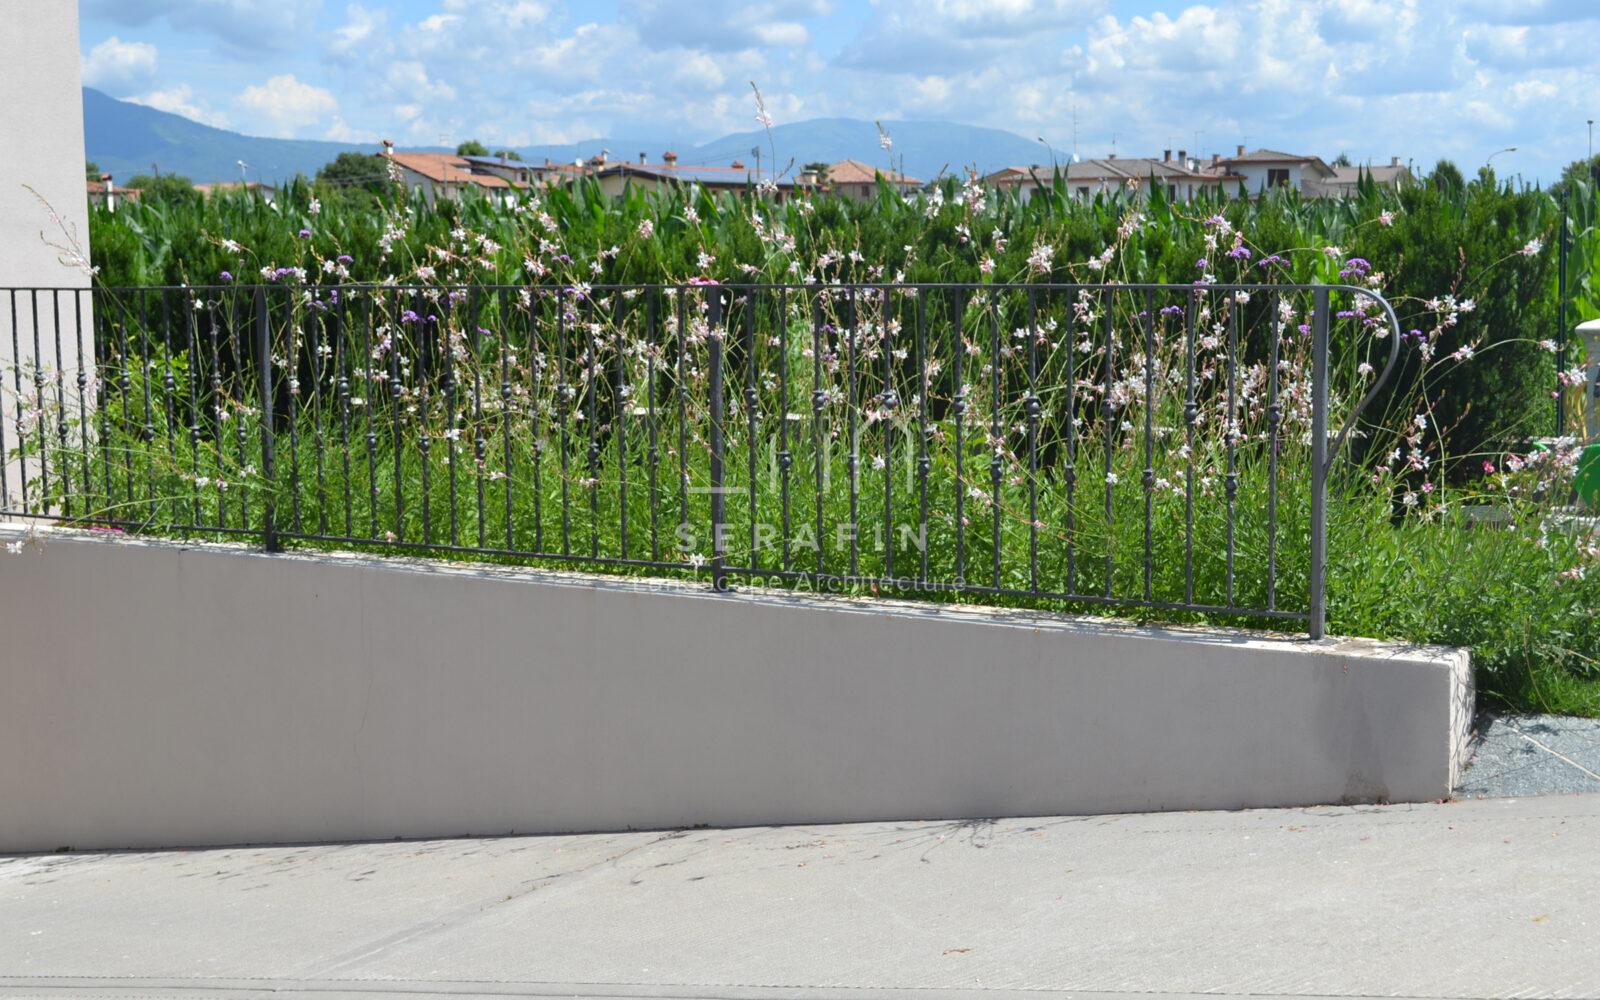 giardino privato a Bassano del Grappa - 7